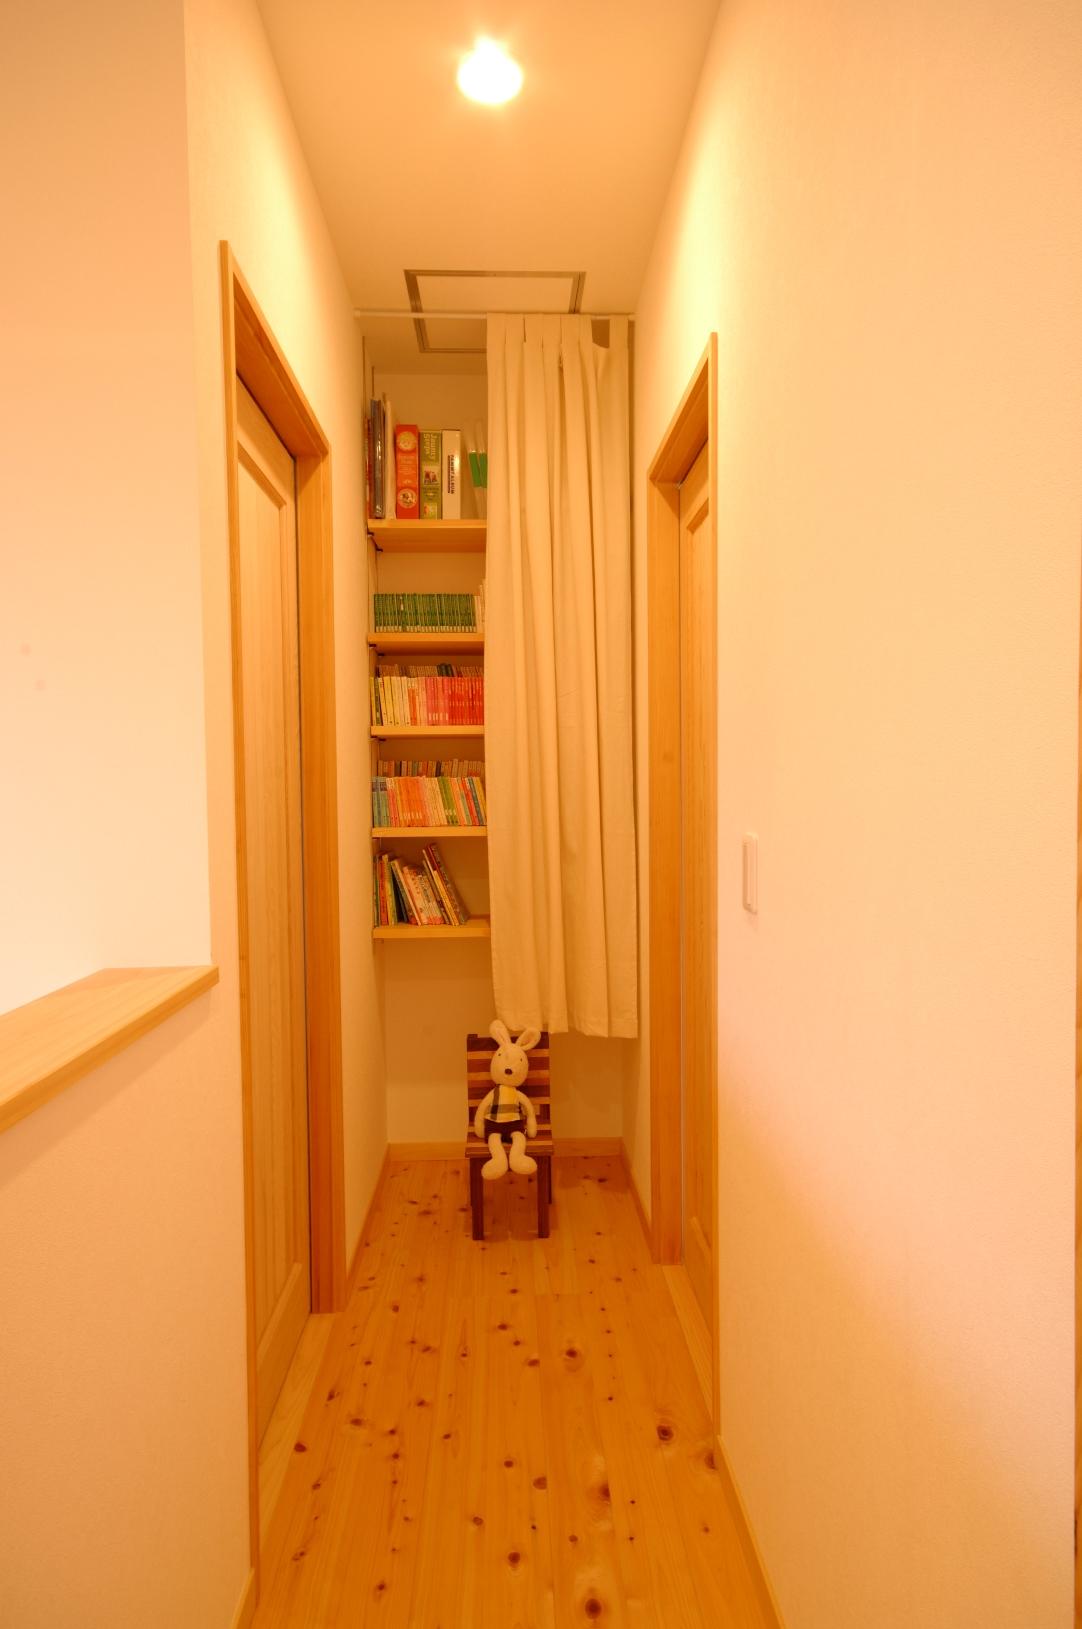 デッドスペースも有効的に活用。カーテンをつけてスッキリとした印象に。